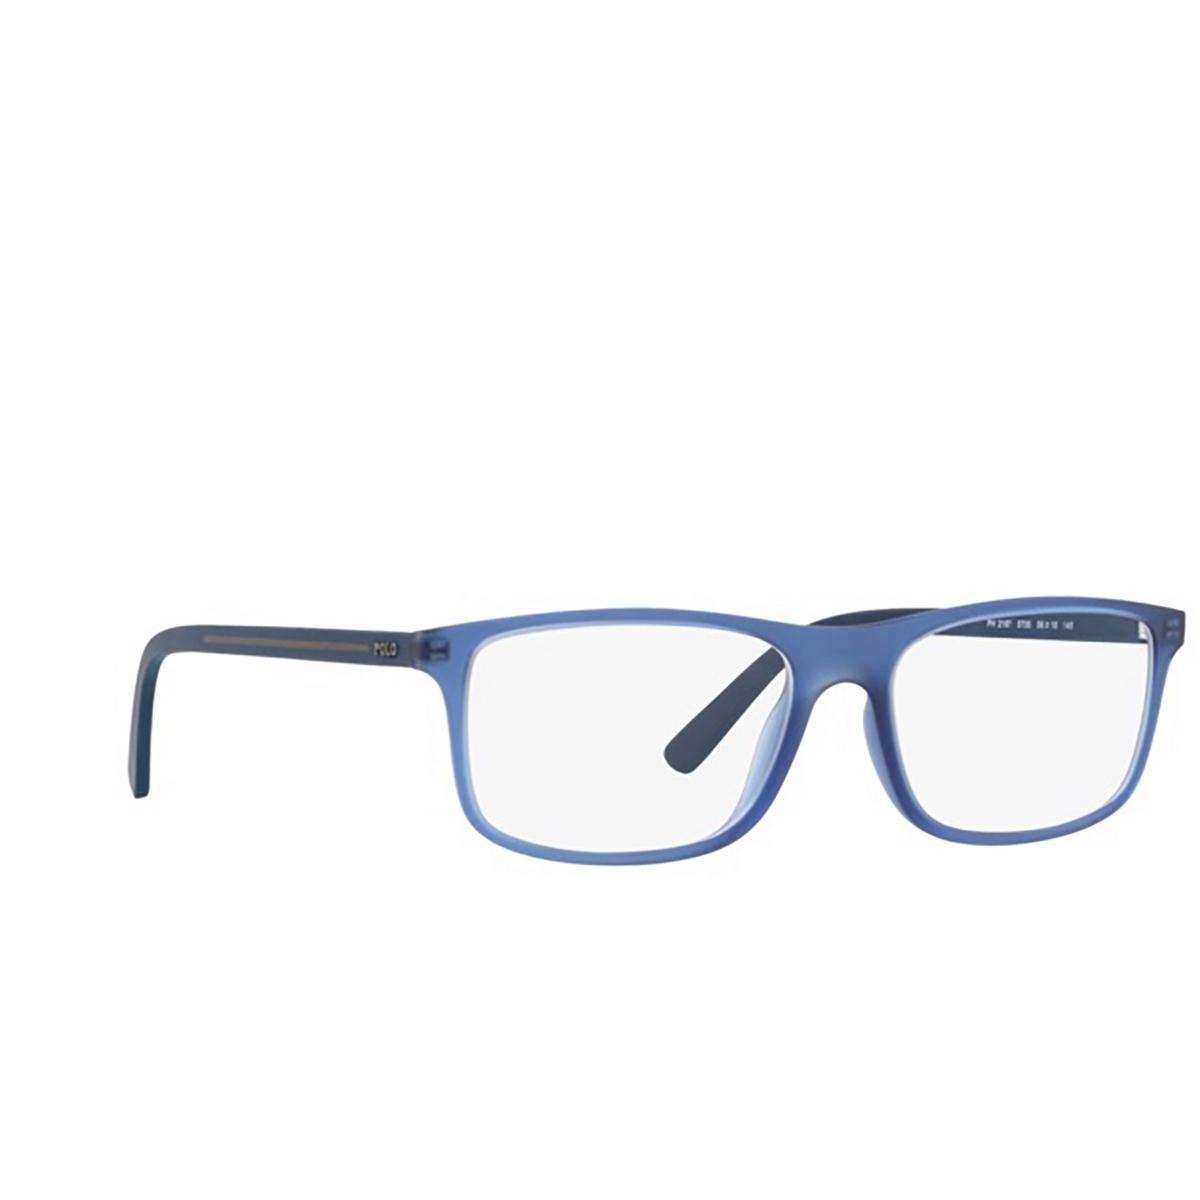 Polo Ralph Lauren® Rectangle Eyeglasses: PH2197 color Matte Transparent Blue 5735 - three-quarters view.